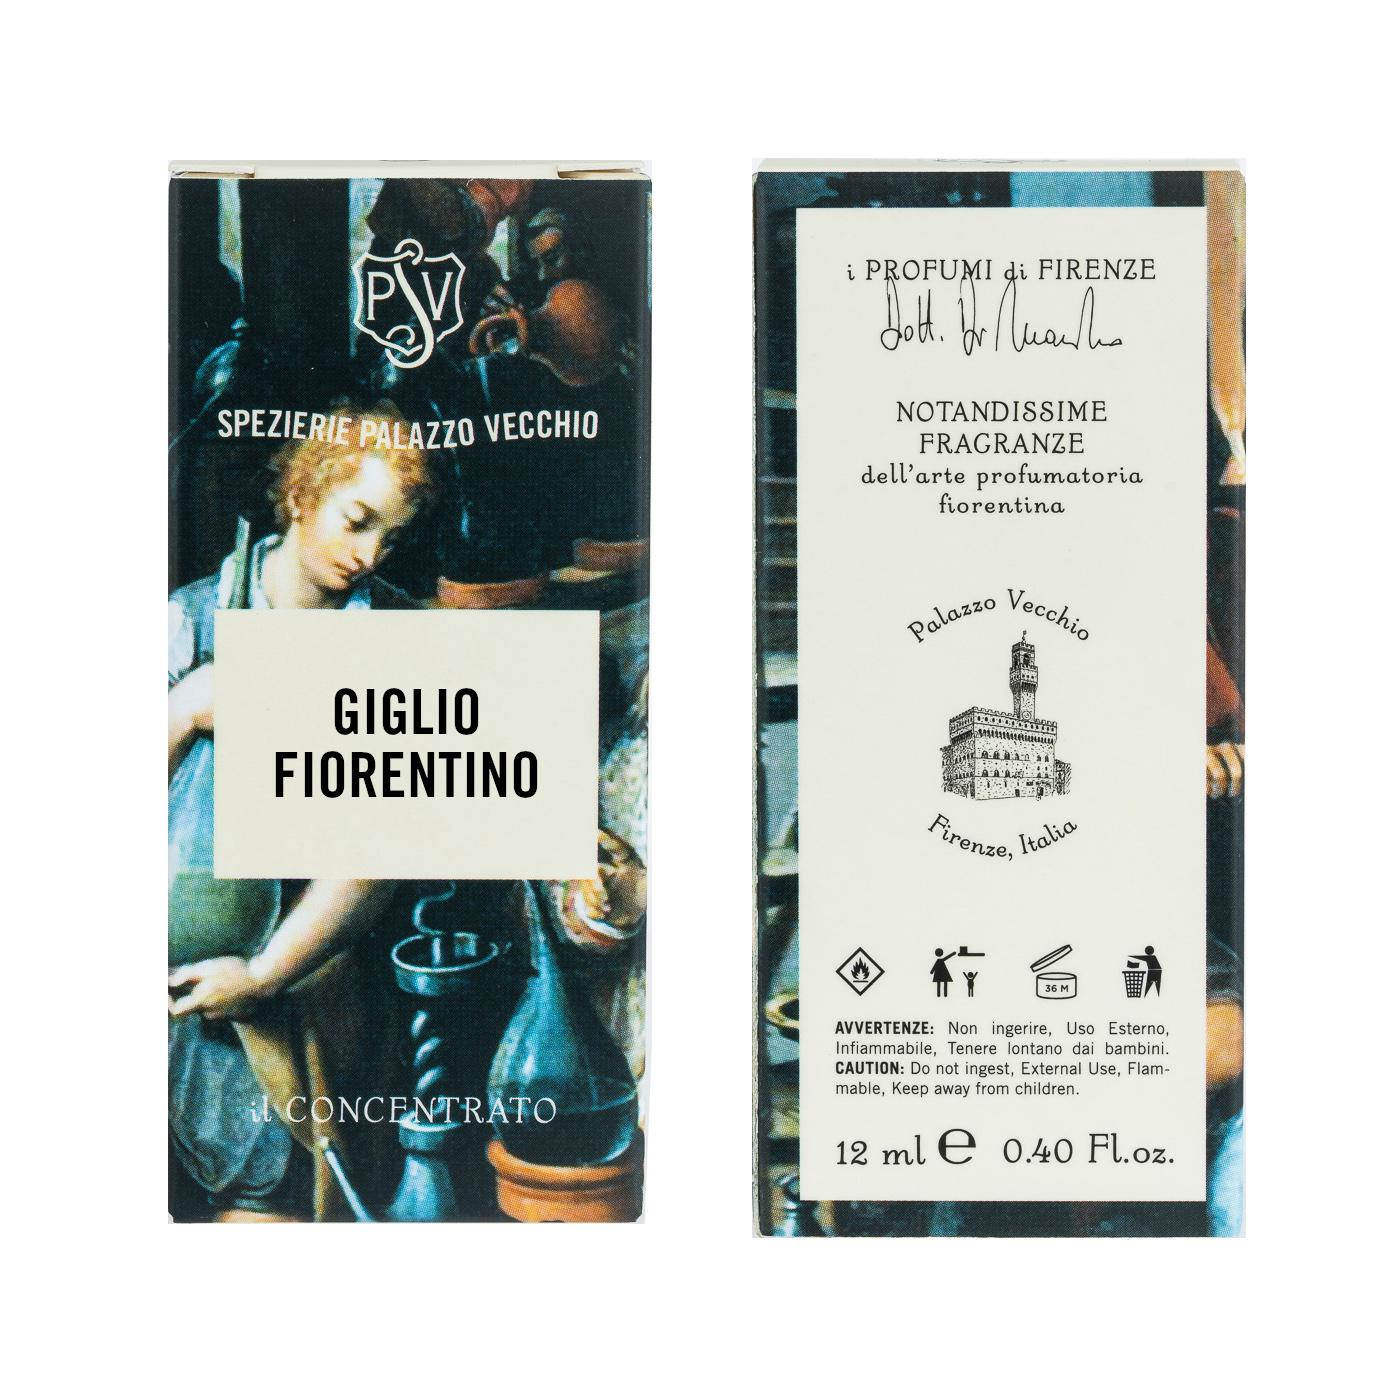 GIGLIO FIORENTINO - Il Concentrato-3924